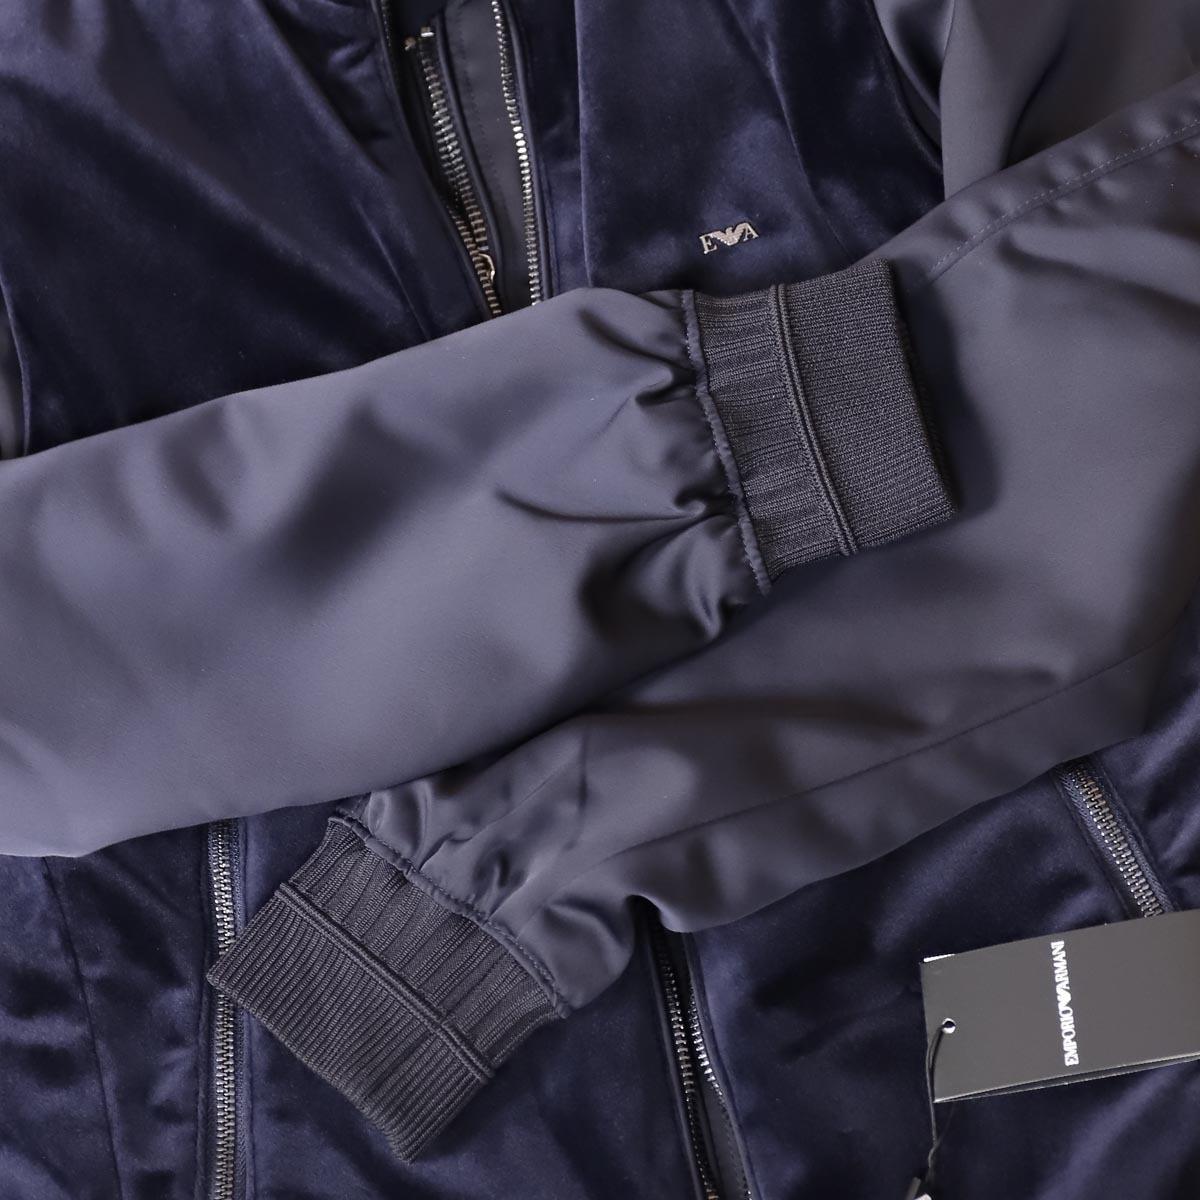 本物 新品 アルマーニ ダブルジップ 3WAY ベロアベスト付きフルジップブルゾン メンズ46 アウター ジャケット EMPORIO ARMANI_画像5